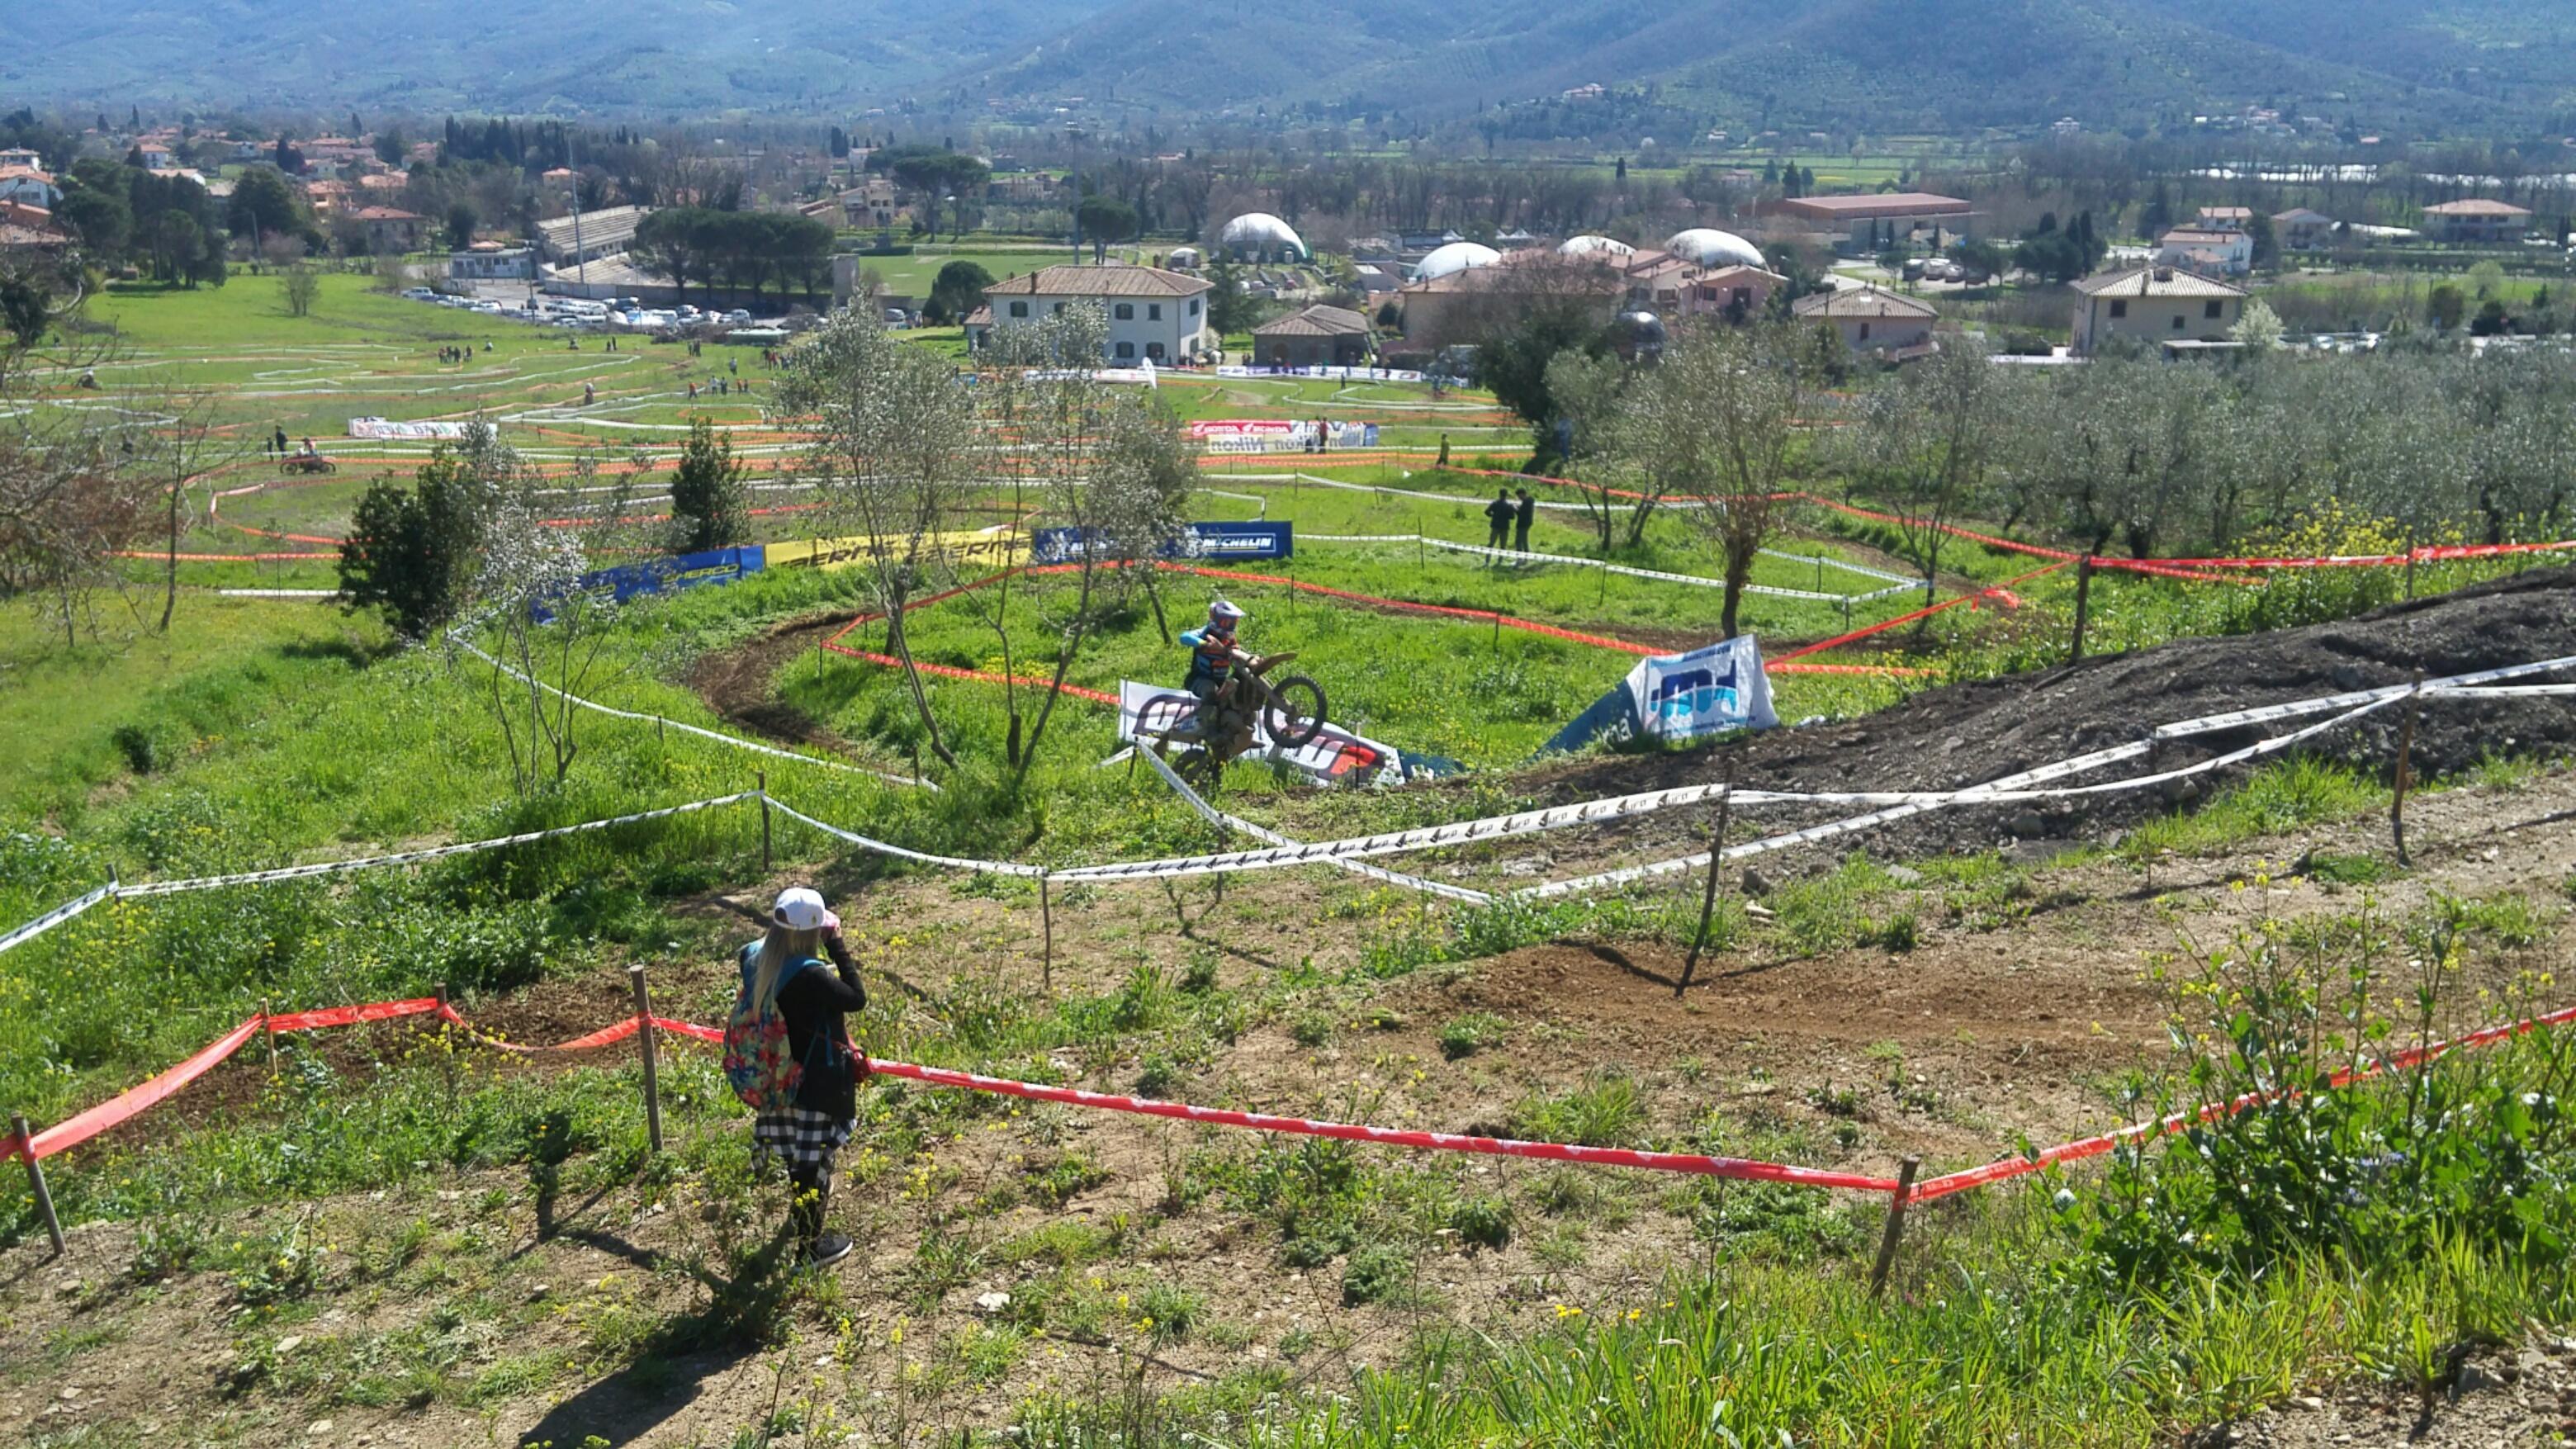 Campionati Italiano Enduro a Castiglion Fiorentino  cronaca della prima  giornata 44902003d731